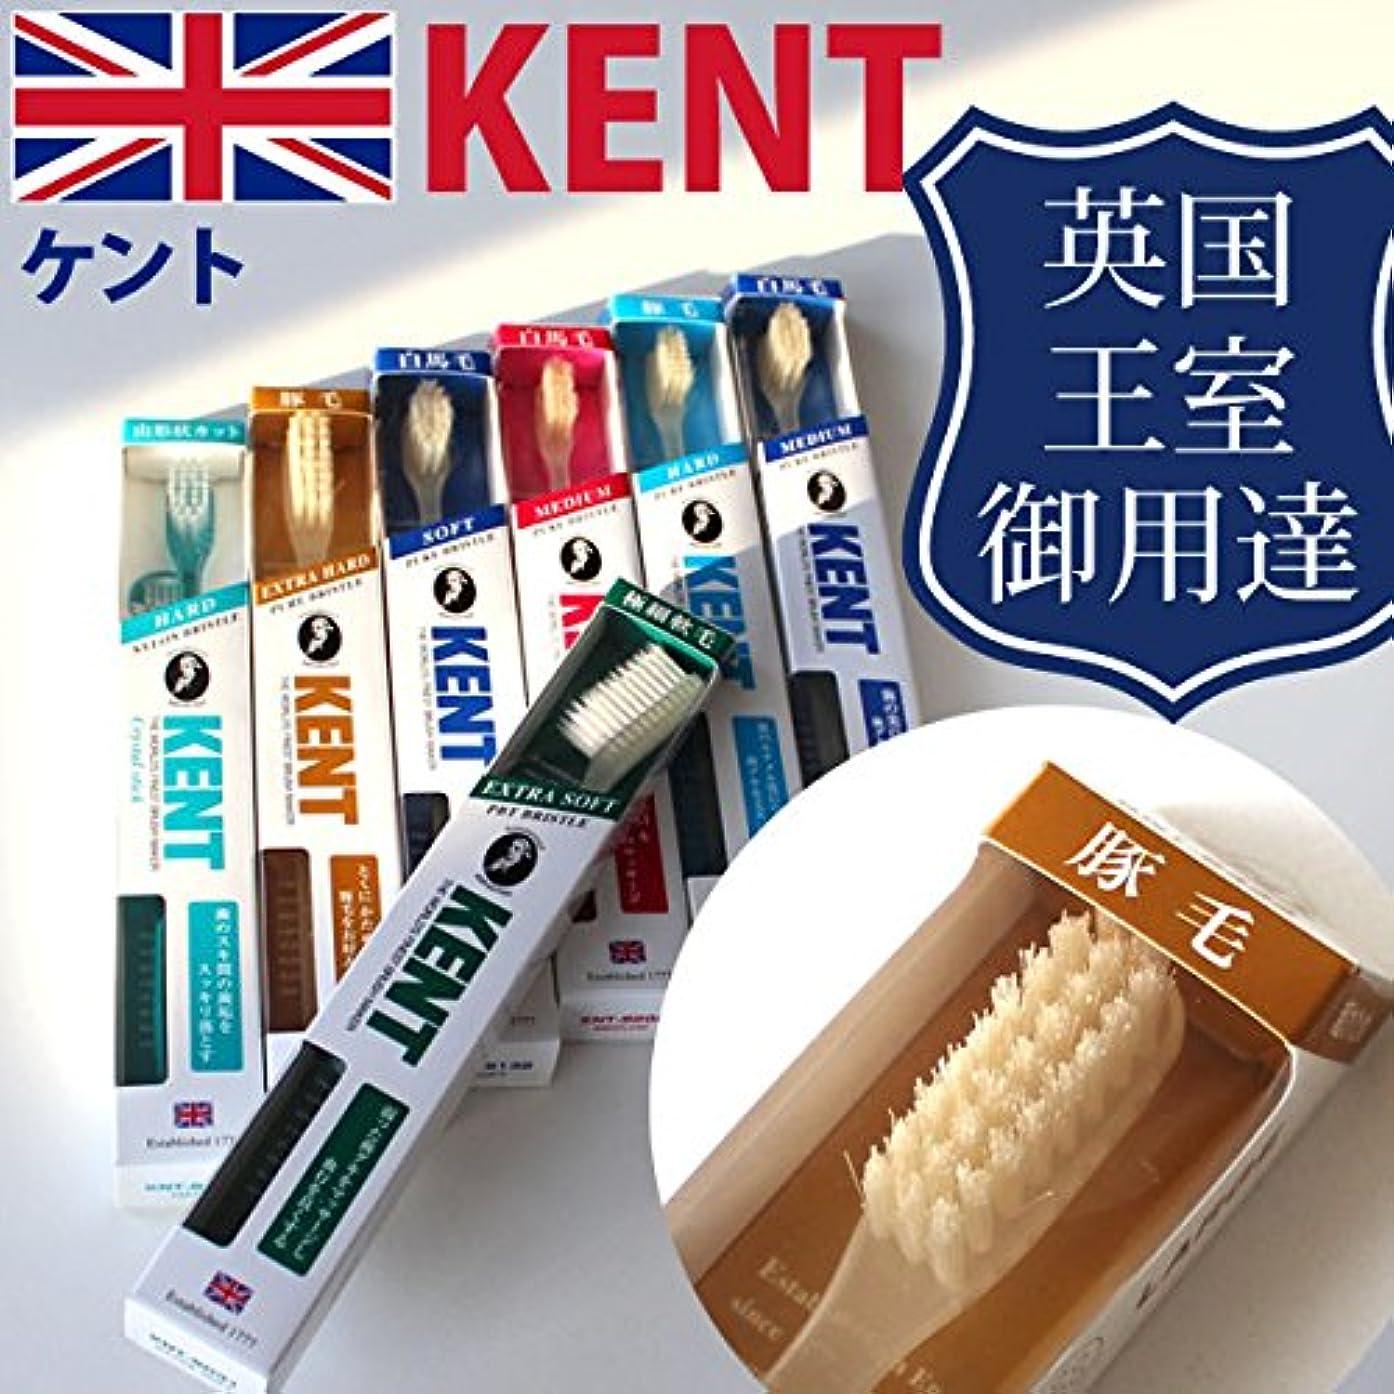 眠いですアトラス出しますケント KENT 豚毛 コンパクト 歯ブラシKNT-9233/9833単品108 ふつう